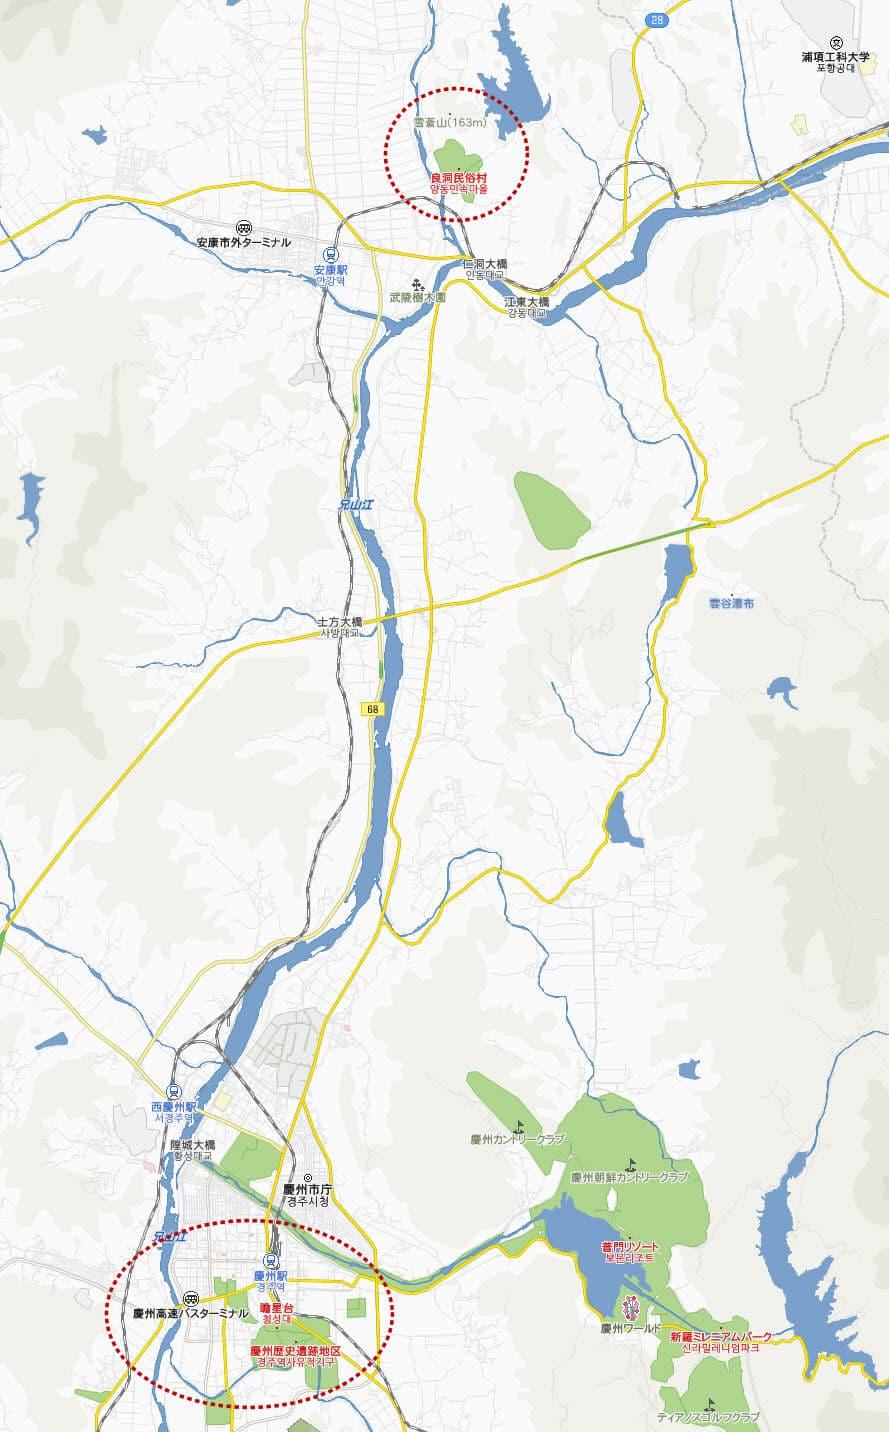 良洞民俗村距離慶州市位置地圖